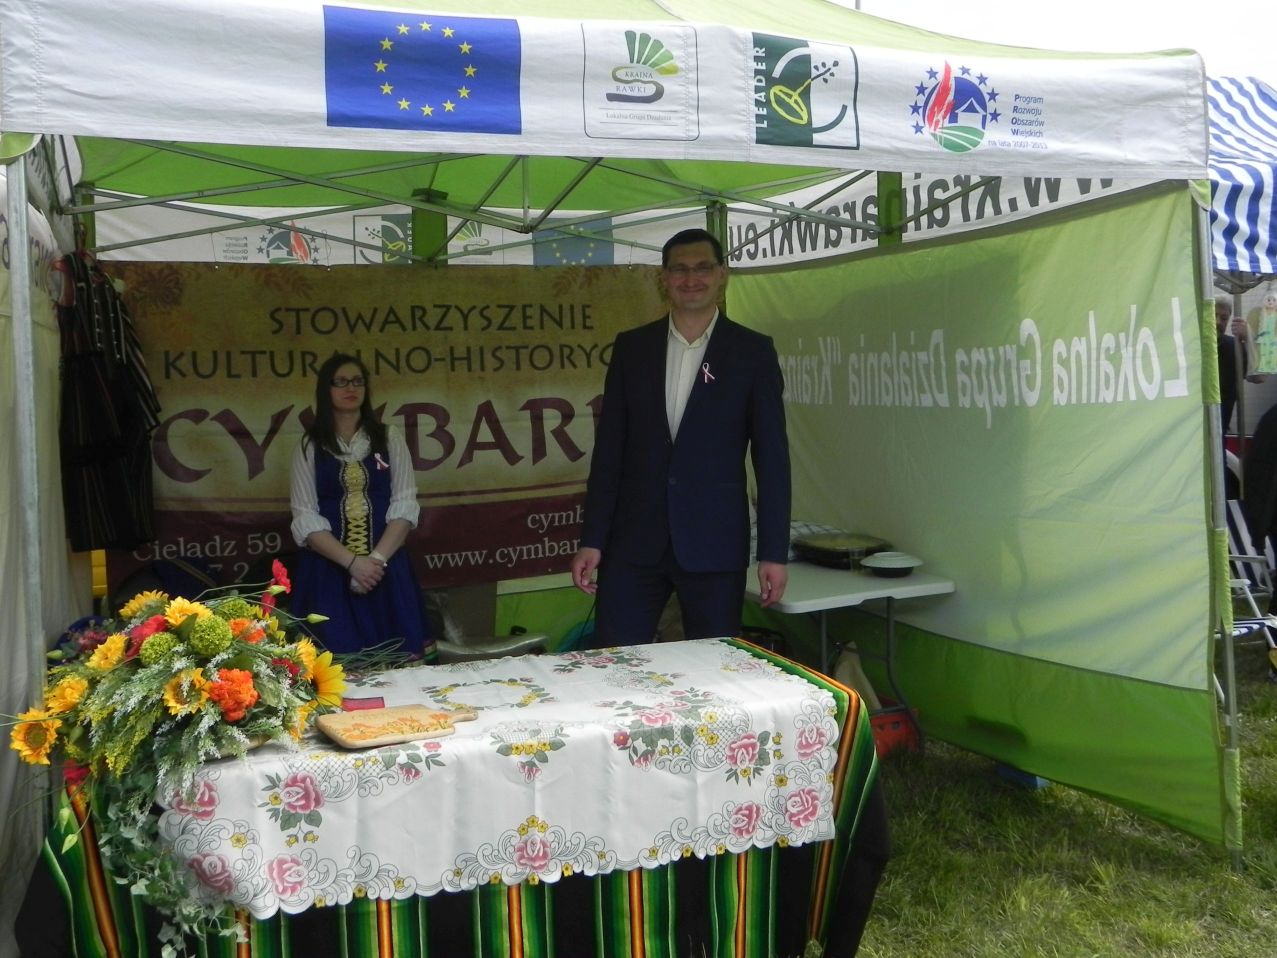 2016-05-03 Rawa Maz. - Radosne Święto (39)